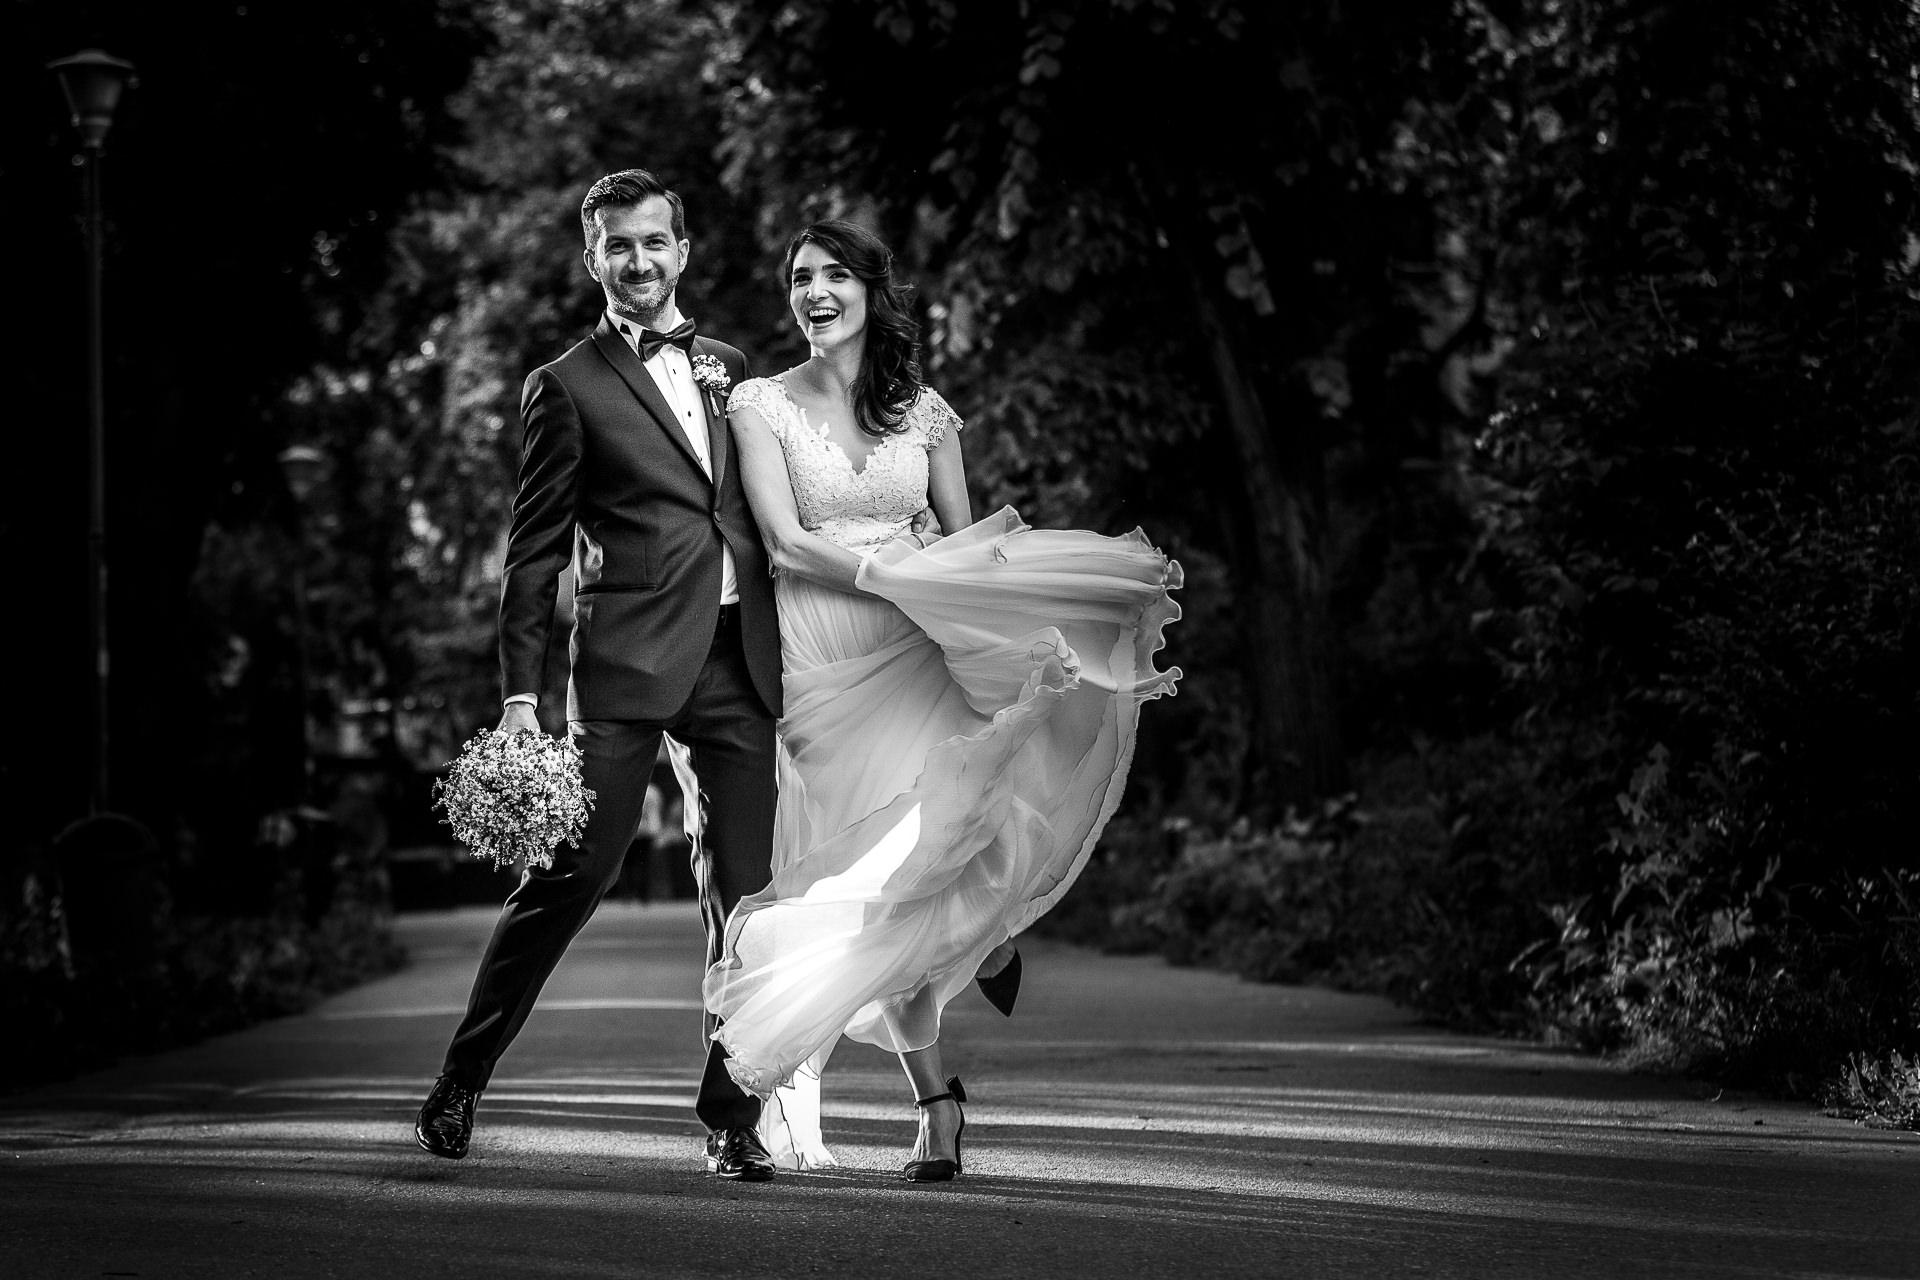 Fotografie Nuntă – Elena şi Costin (nuntă Bucureşti)